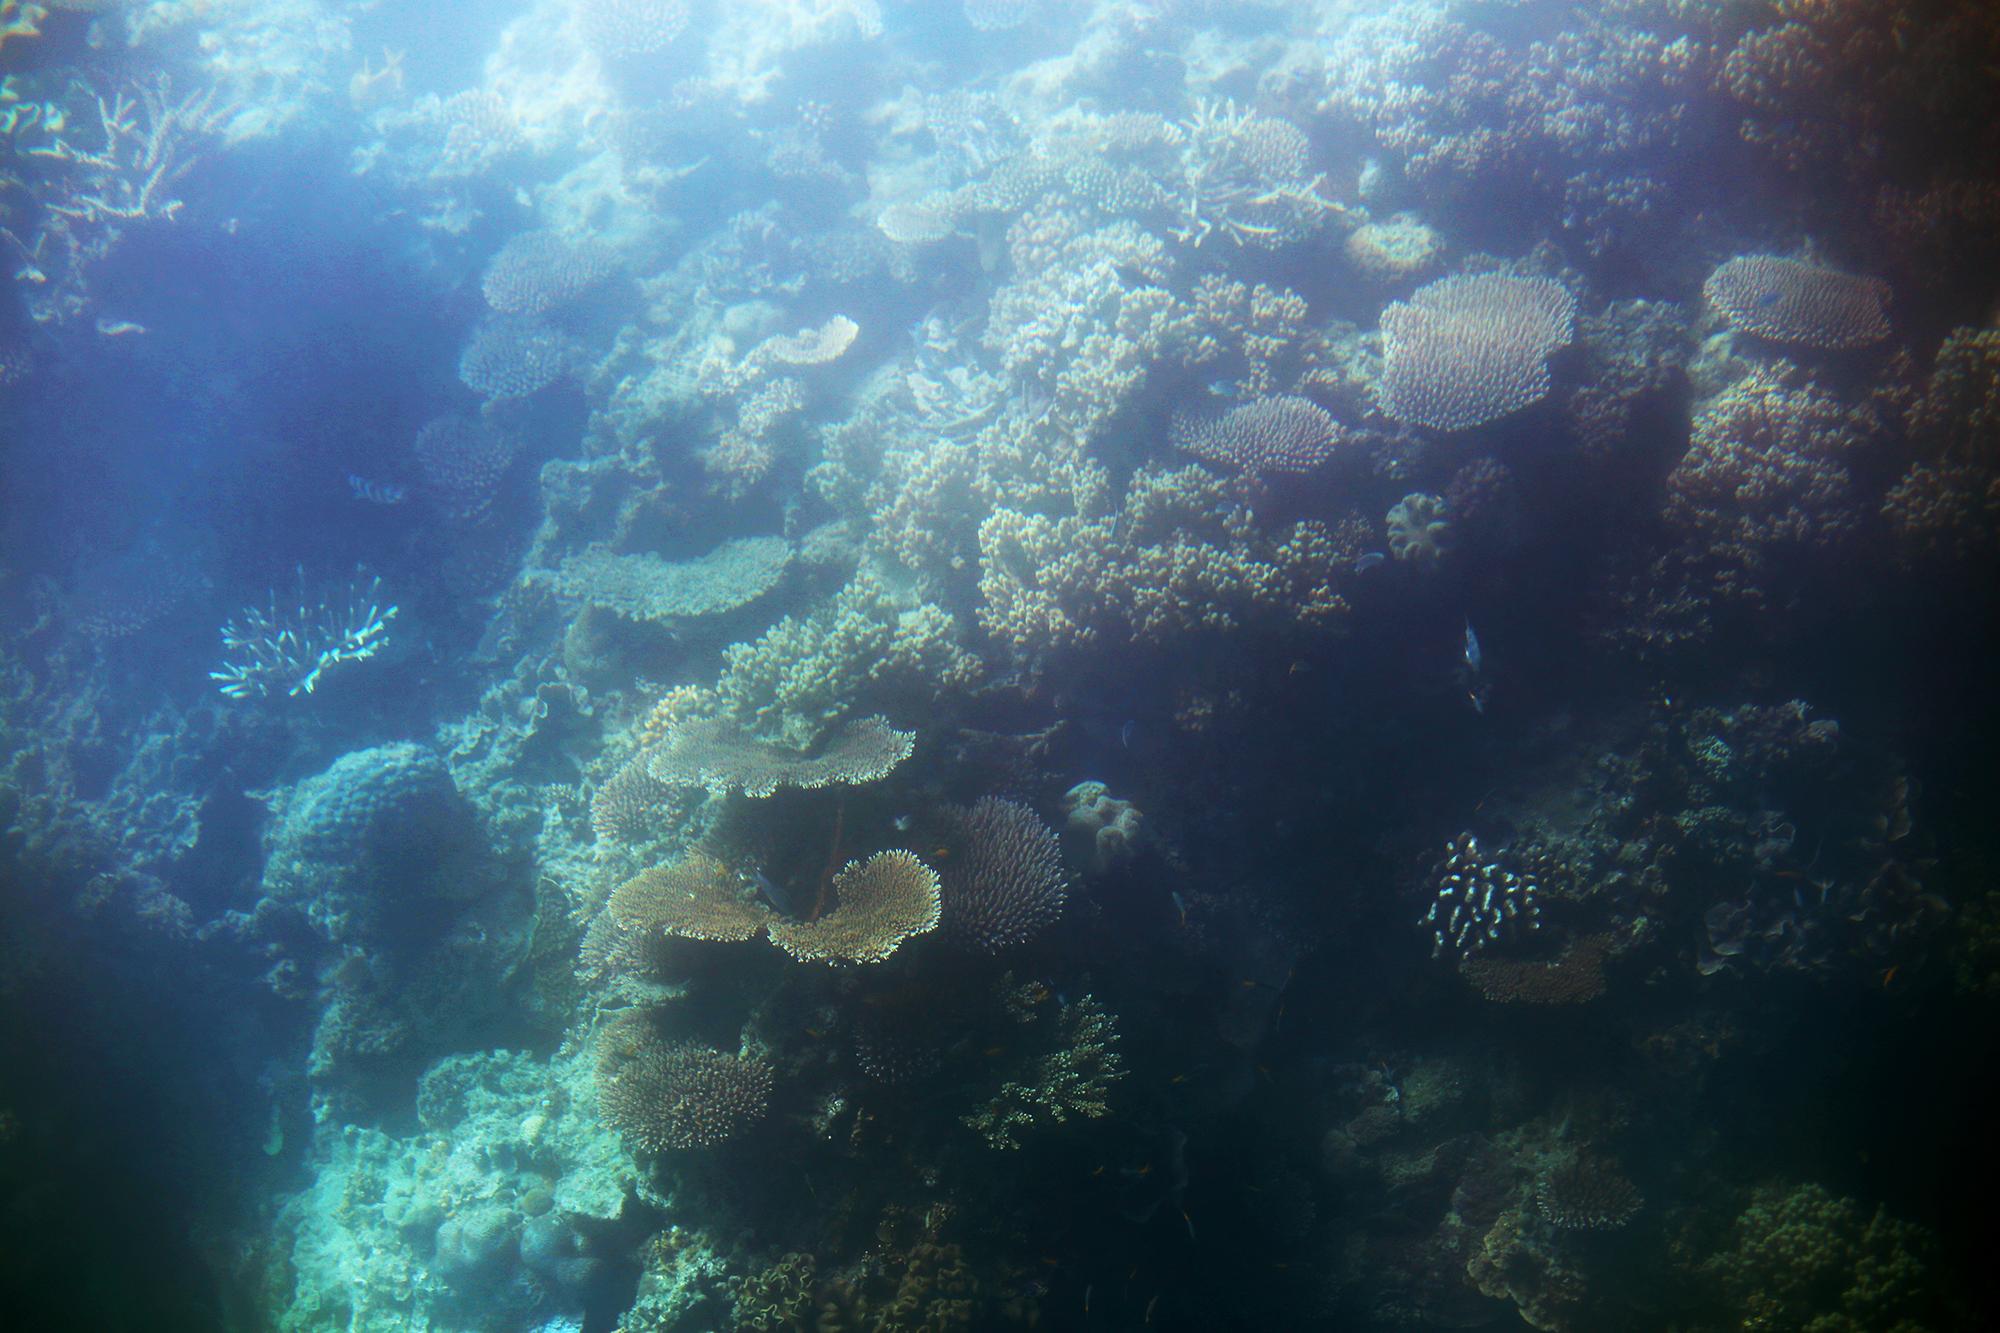 korall stora barriärrevet - sara edström29